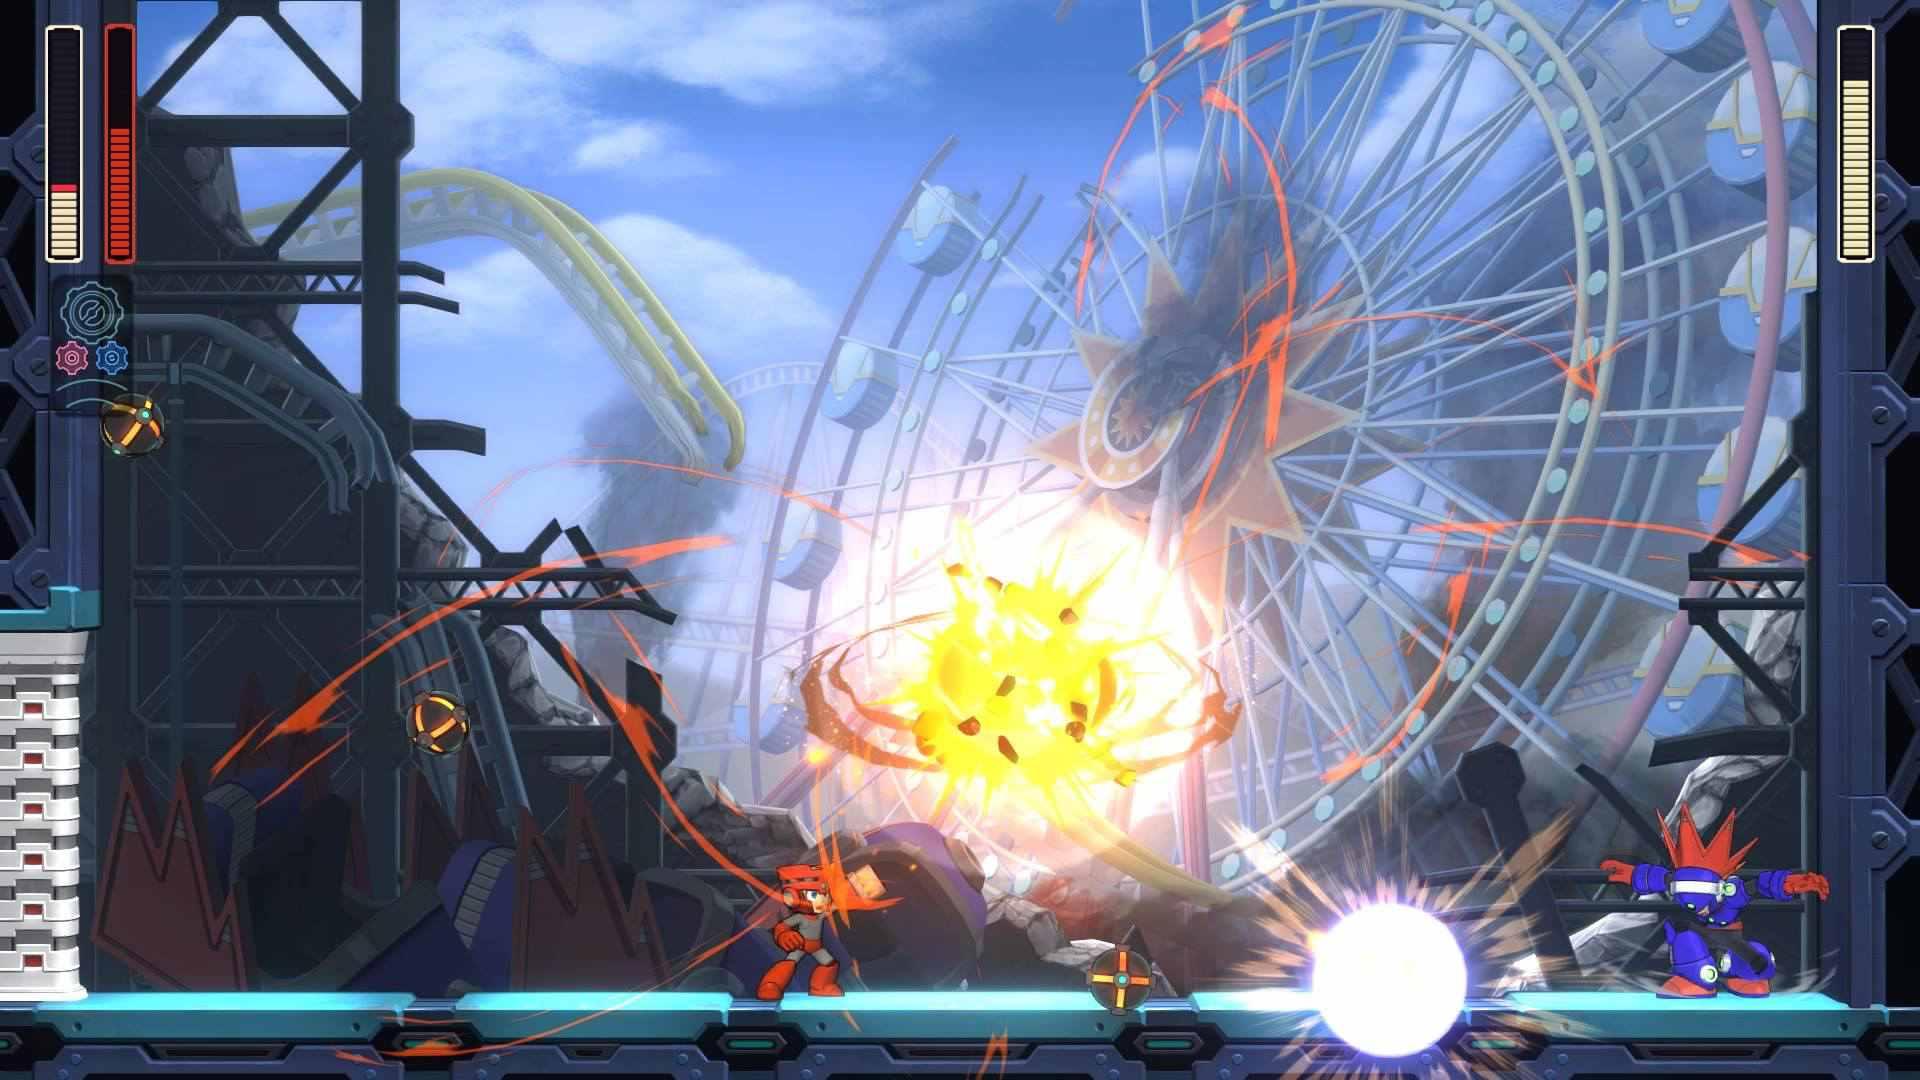 Mega Man attacks Blast Man in Mega Man 11